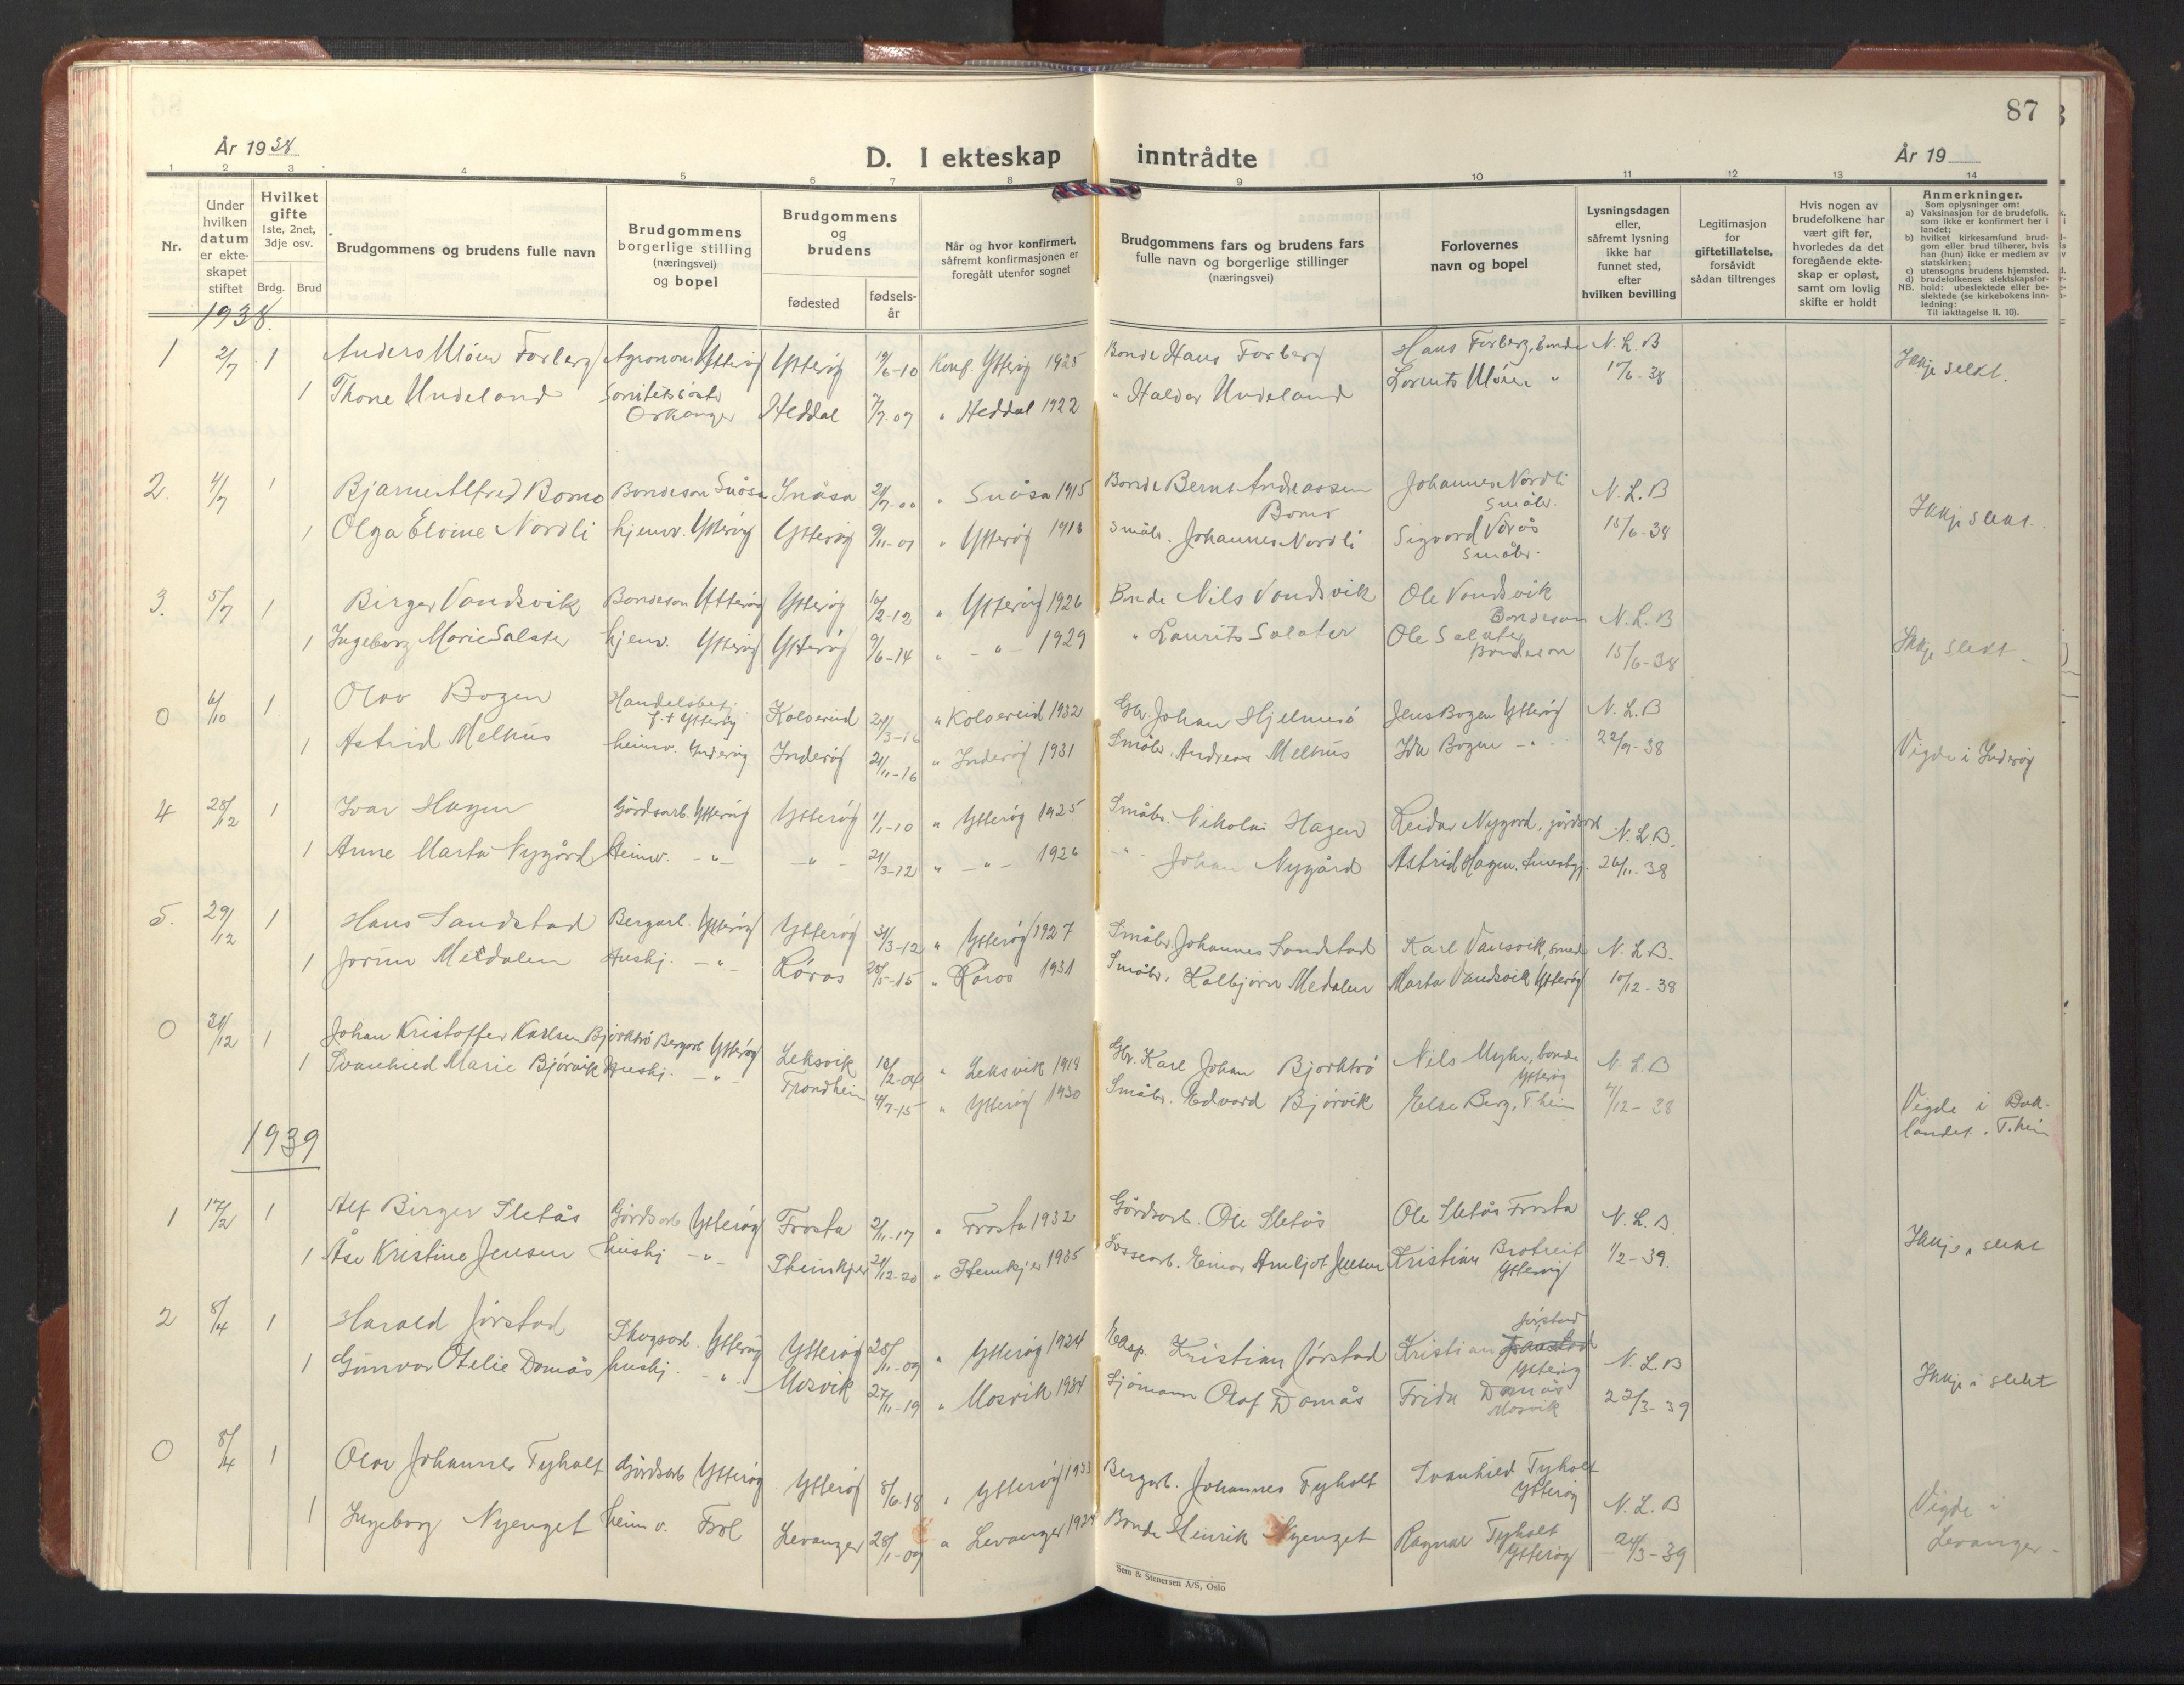 SAT, Ministerialprotokoller, klokkerbøker og fødselsregistre - Nord-Trøndelag, 722/L0227: Klokkerbok nr. 722C03, 1928-1958, s. 87